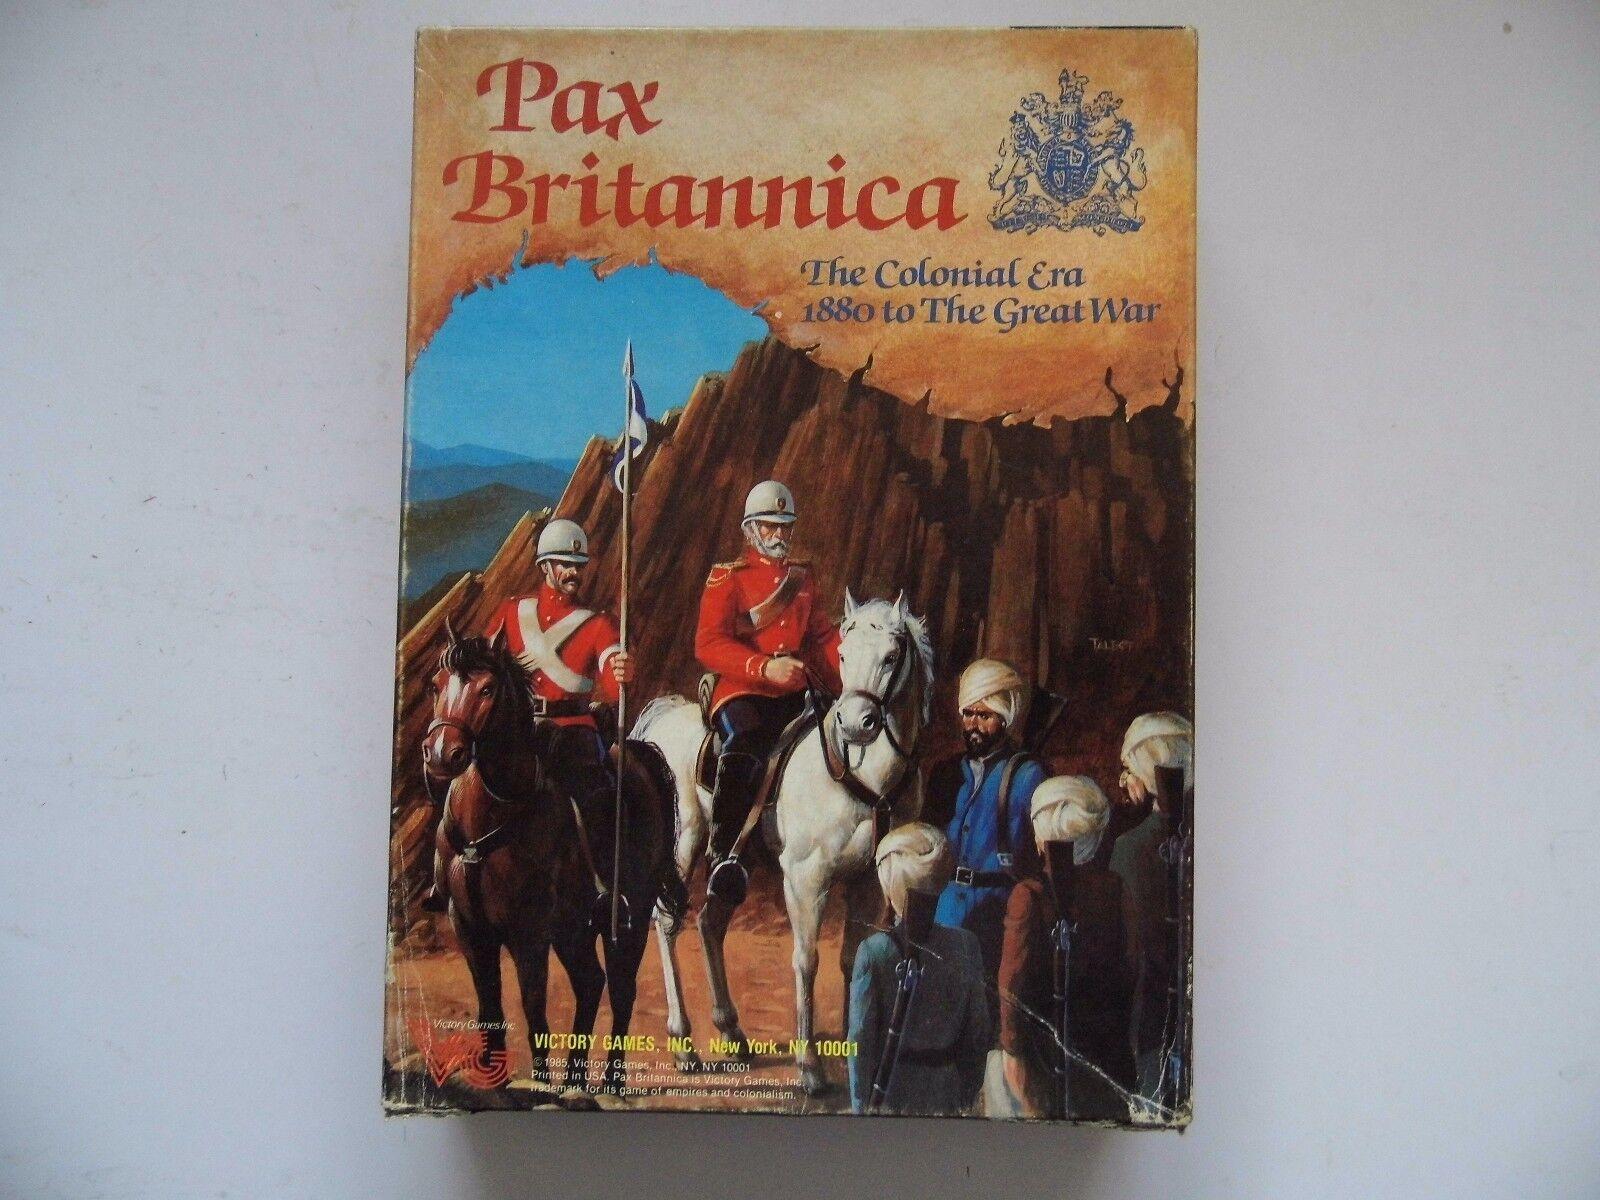 Pax Britannica complet par Victory Games